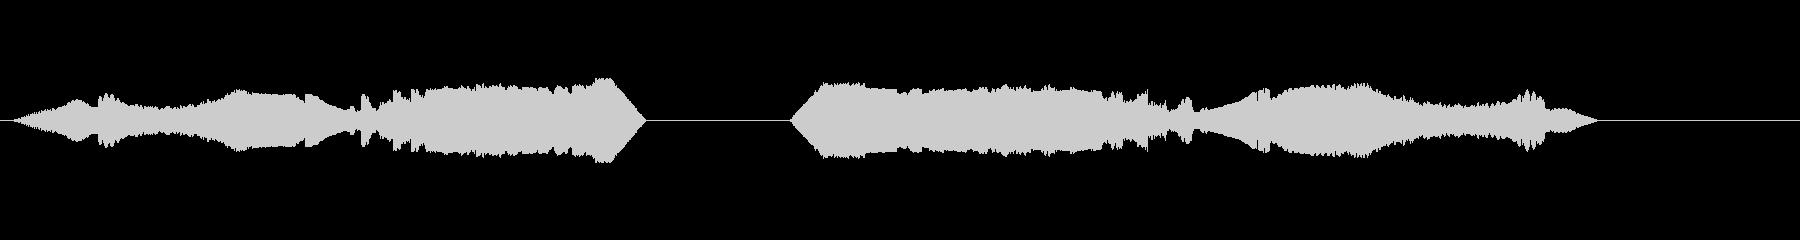 ライジングマルチピッチサウンドウェ...の未再生の波形